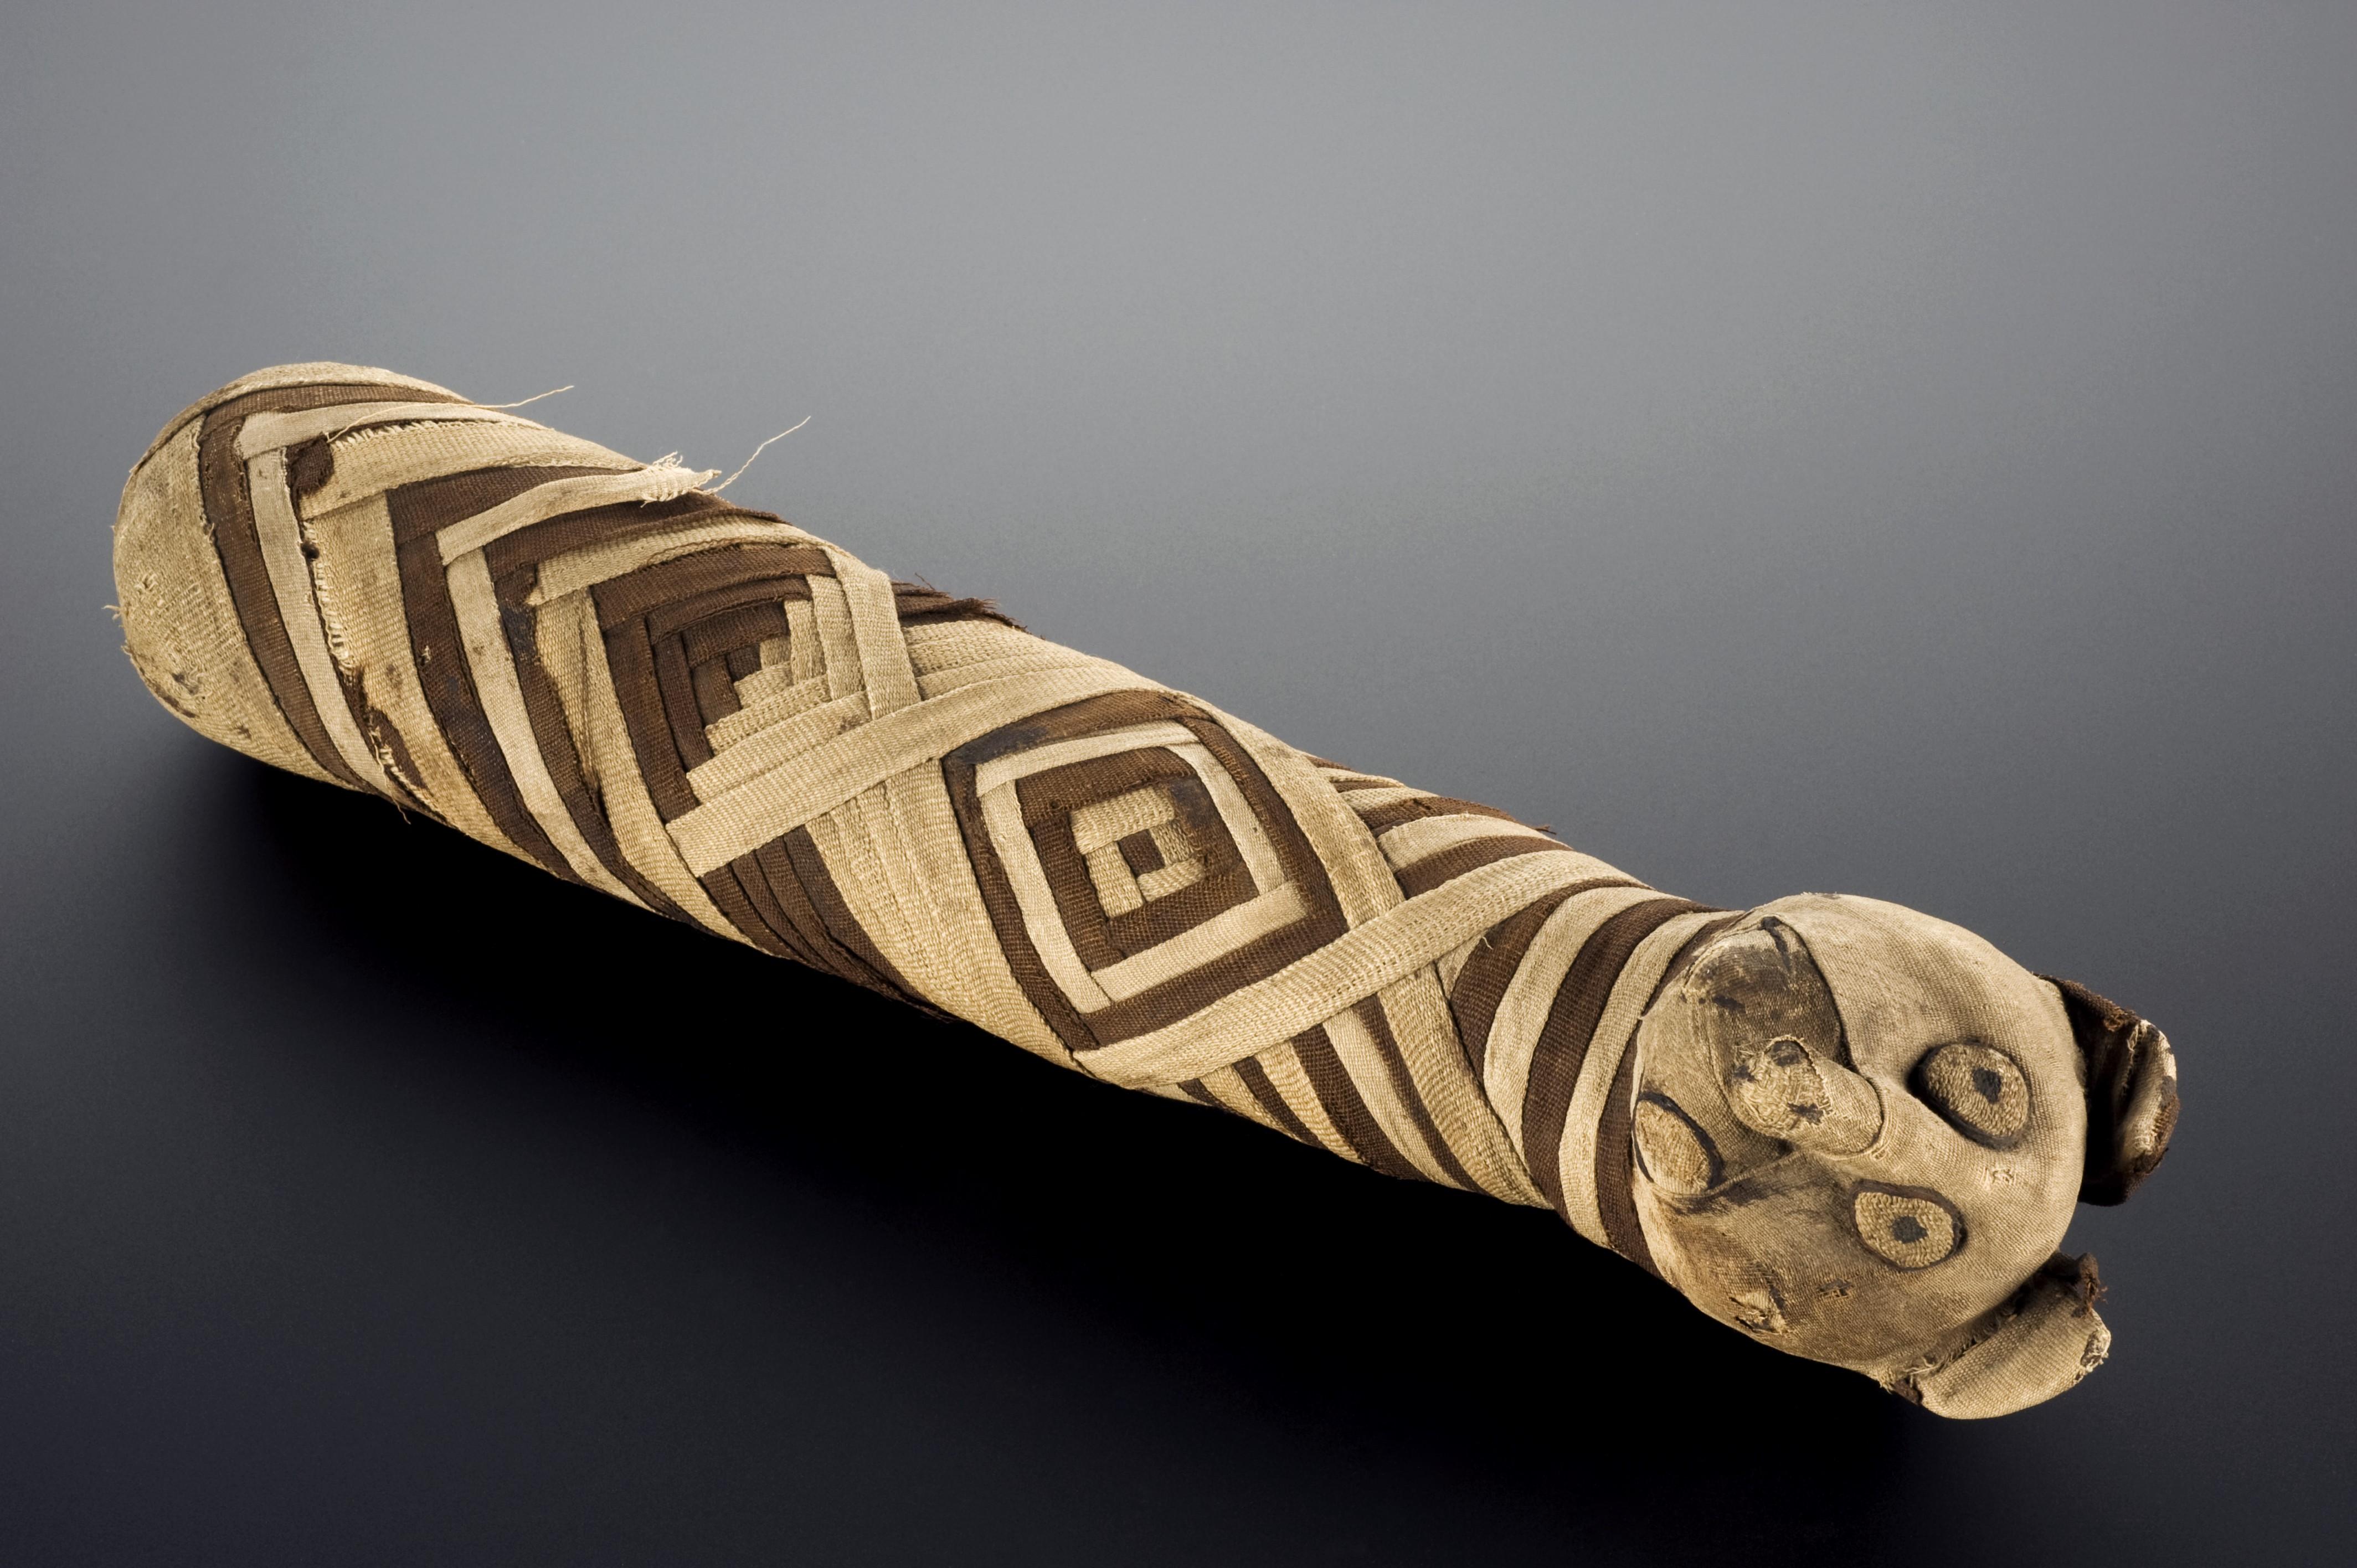 File:Mummified cat, ancient Egypt, 2000-100 BCE Wellcome ...: http://commons.wikimedia.org/wiki/File:Mummified_cat,_ancient_Egypt,_2000-100_BCE_Wellcome_L0057093.jpg